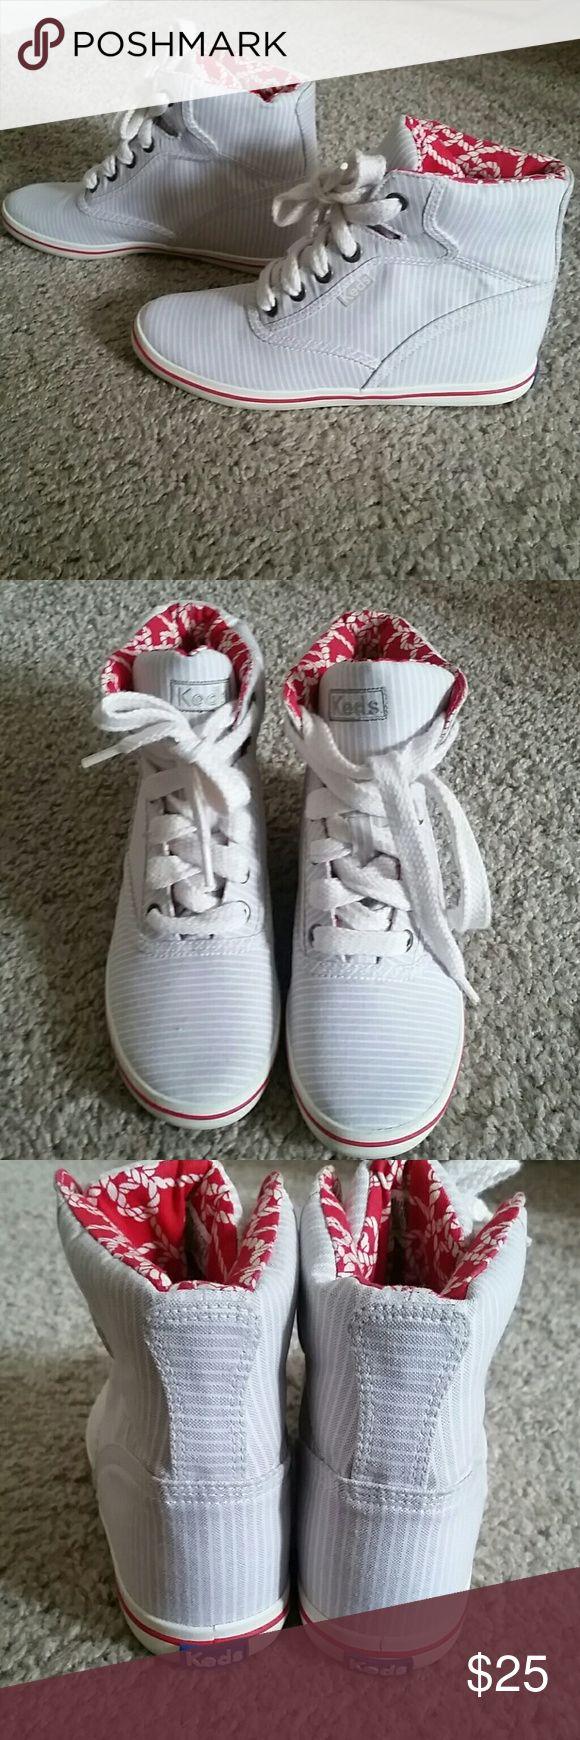 Fun Keds sneakers NWOT. 1 in. Wedge sneakers Keds Shoes Sneakers